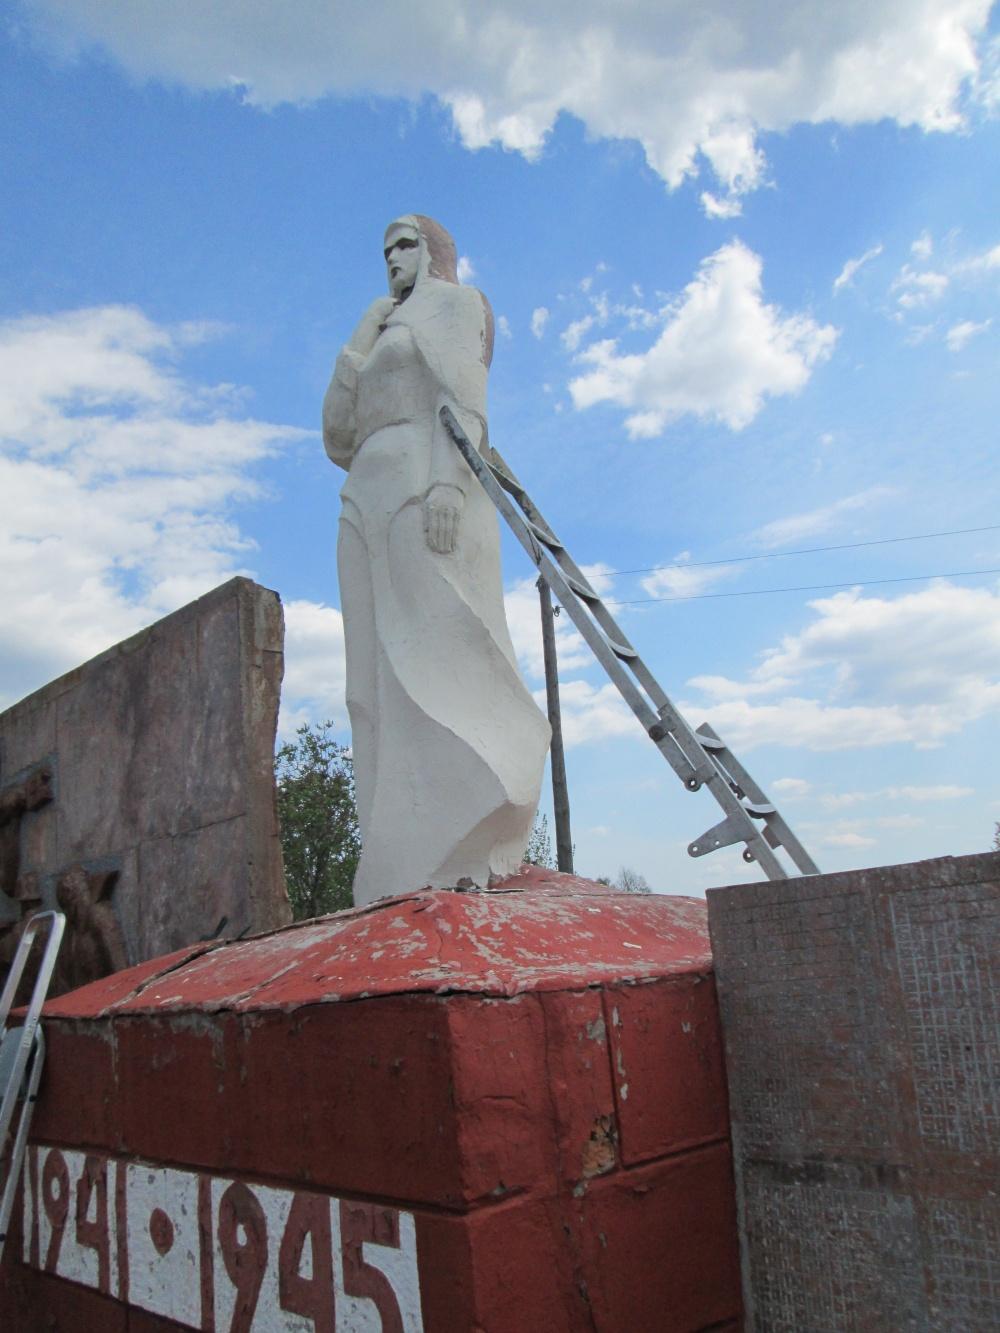 Обращение о сборе средств на ремонт Стены плача в с.Старая Меловая